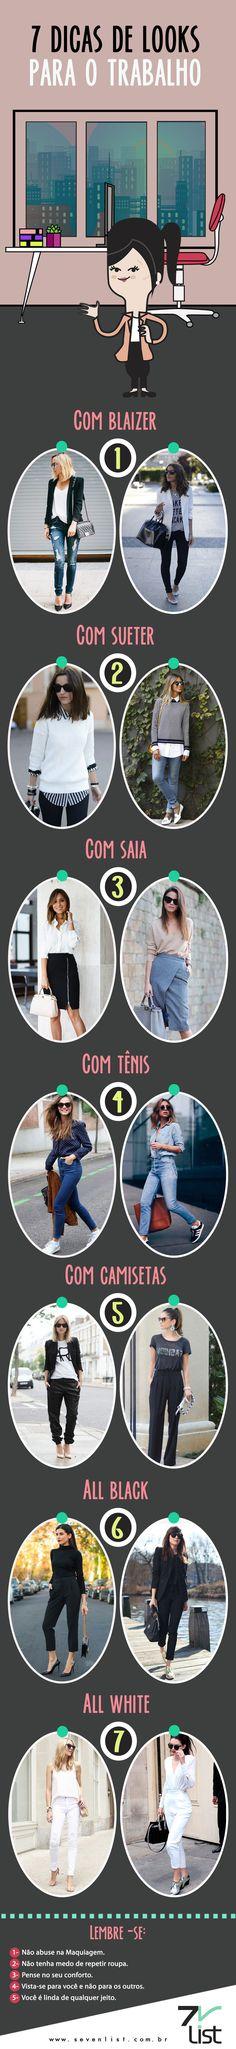 Segunda-feira é o dia perfeito para falarmos de trabalho, mais especificamente do guarda-roupa para a ocasião. Afinal, se sentir bonita é o primeiro passo para encarar a segundona. Confira 7 dicas de looks para usar no trabalho. #SevenList #Moda #Fashion #LooksParaotrabalho #Work #Outifit #Looks #Blazer #AllBlack #Allwhite #Skirt #Tenis #Camiseta